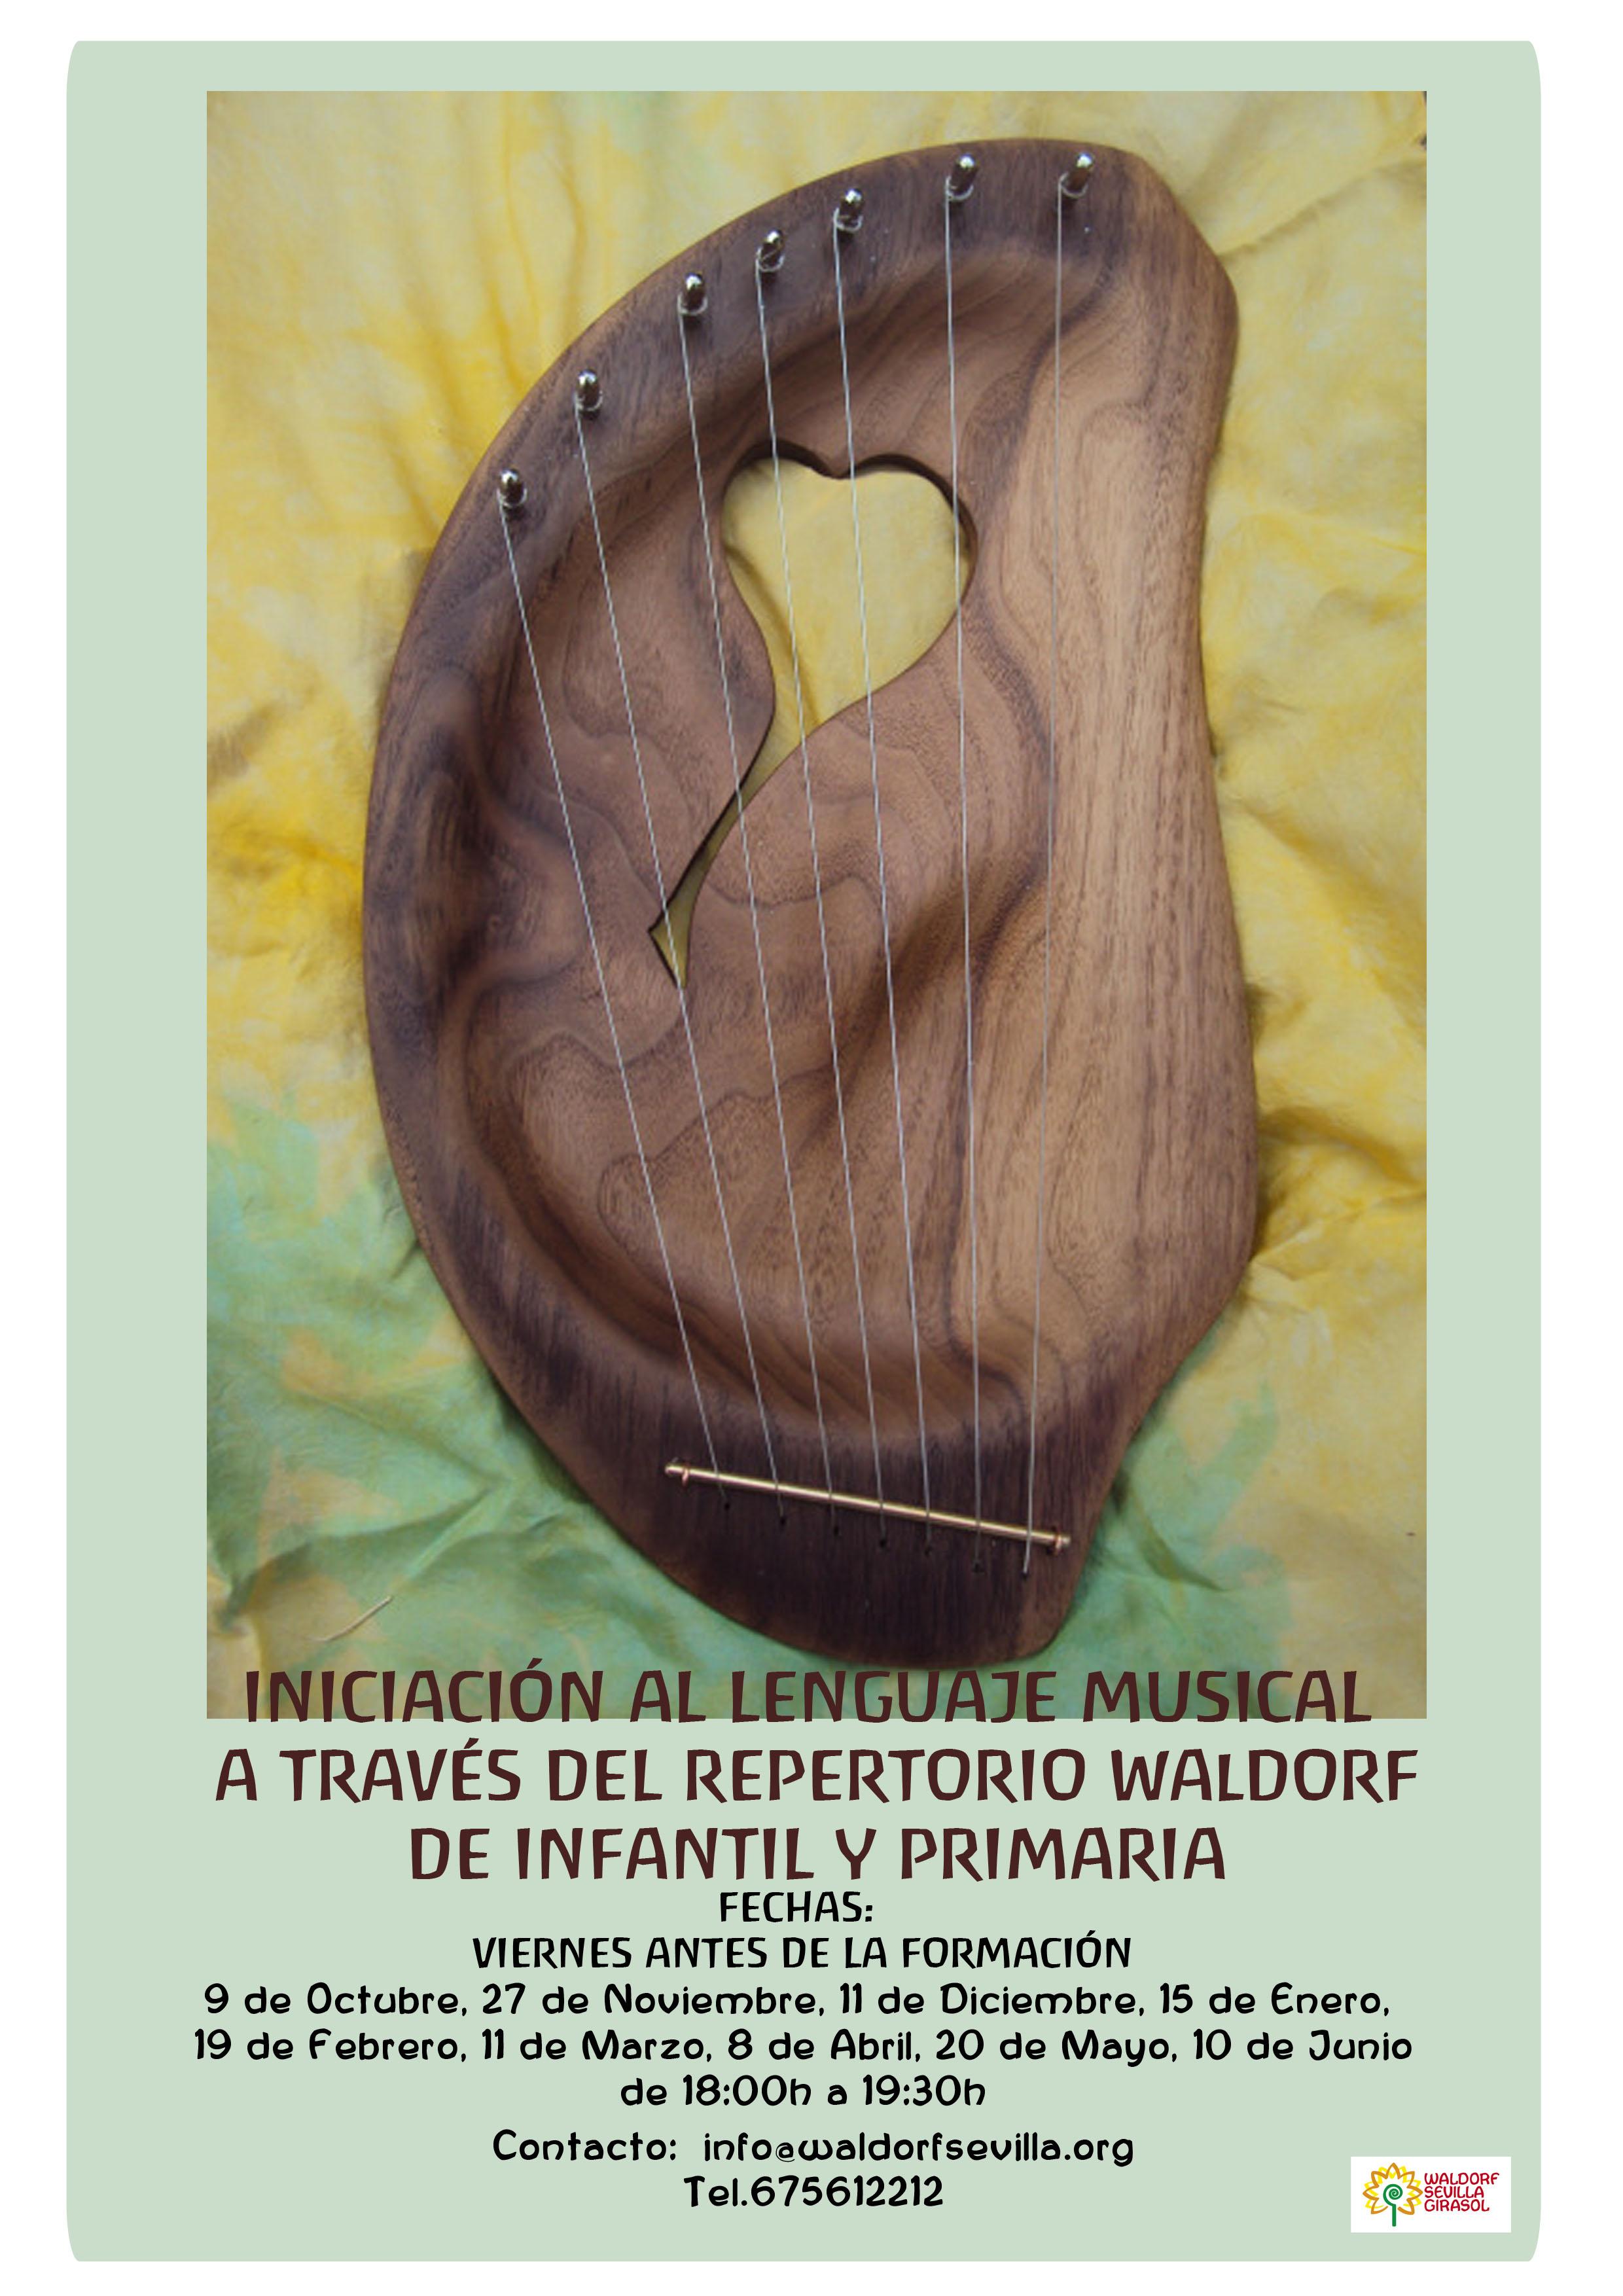 Iniciación al lenguaje musical a través del repertorio Waldorf